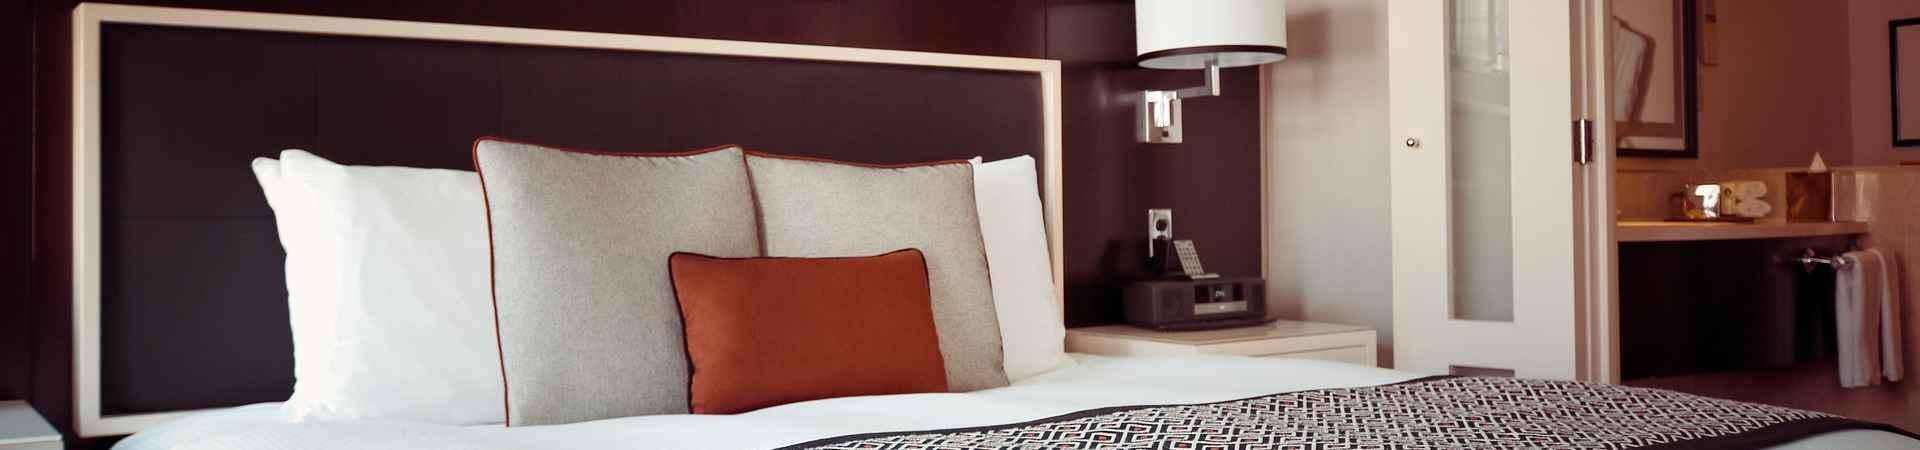 Hotelkamer bij Reserveringssystemen voor hotels. Foto: Olichel op pixabay (1447201)